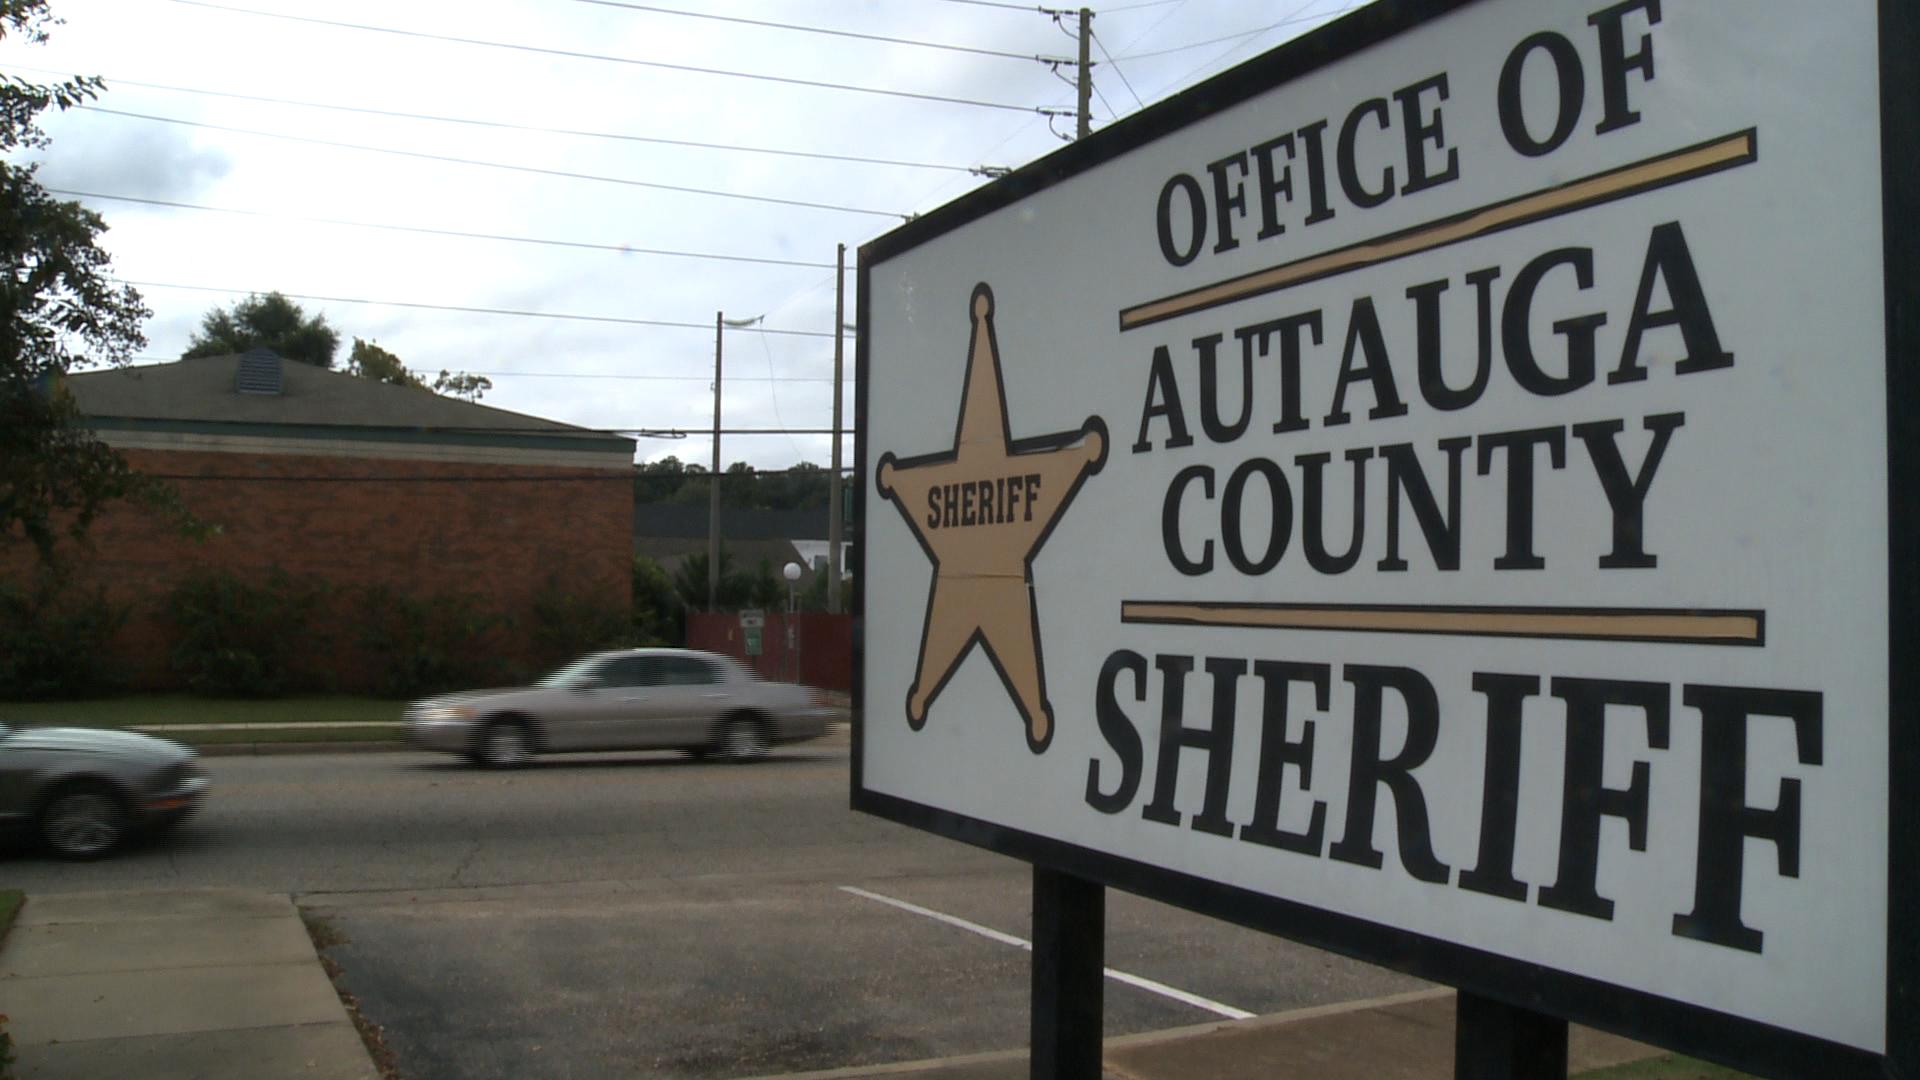 Sheriff: Inmates Making Veggie Alcohol at Autauga Metro Jail